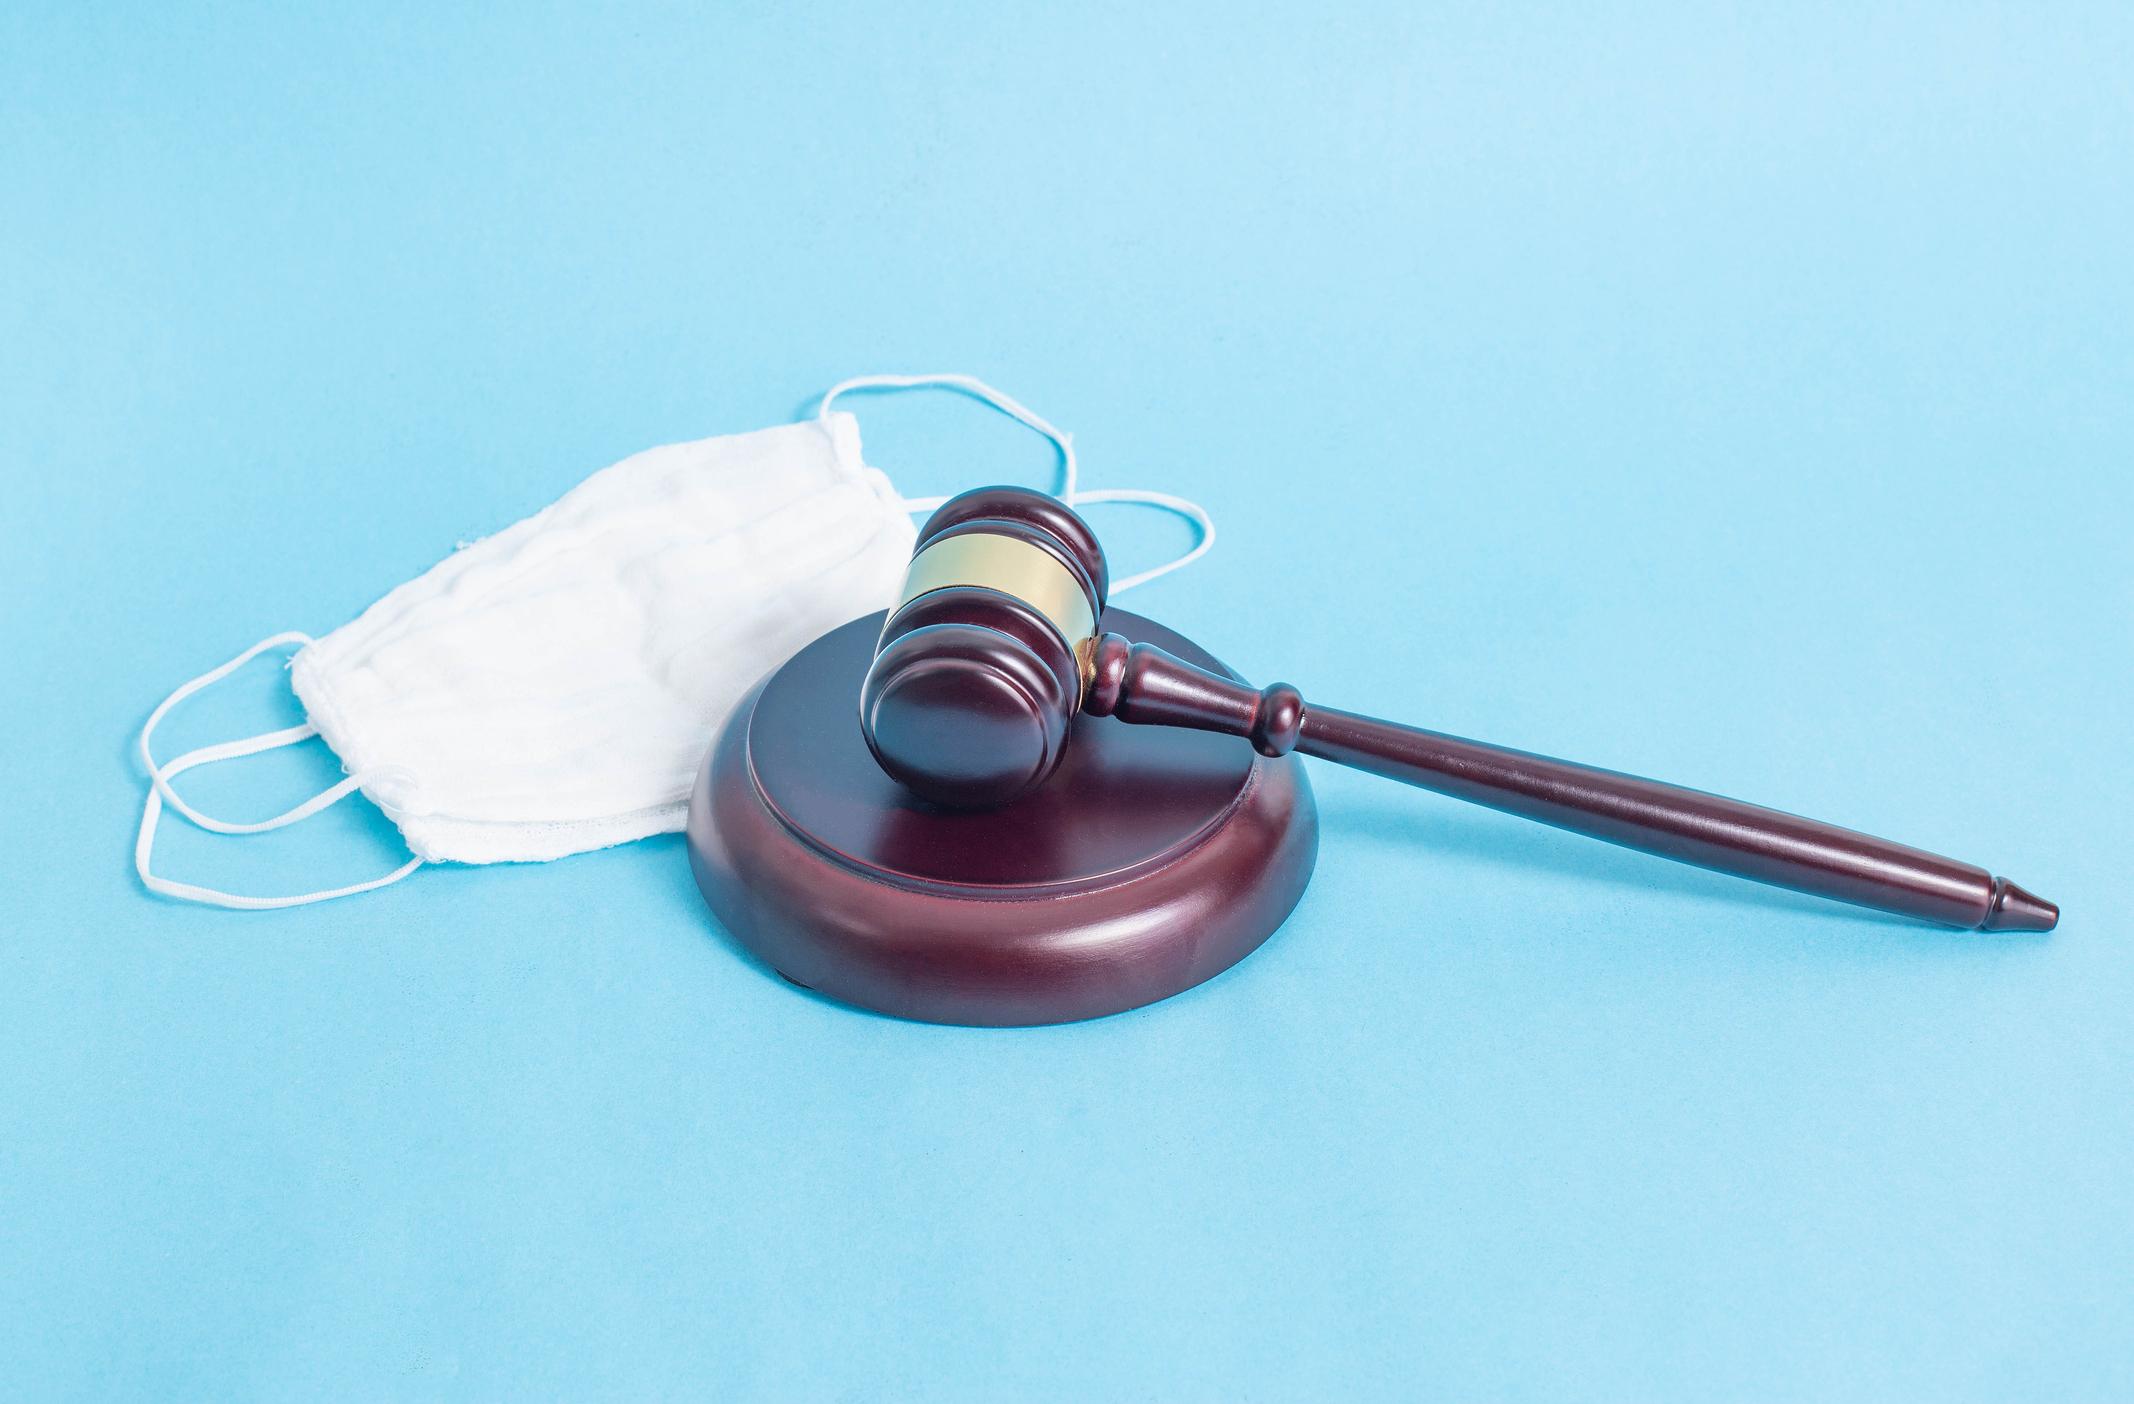 Retour au travail : quelle responsabilité juridique de l'entreprise ?